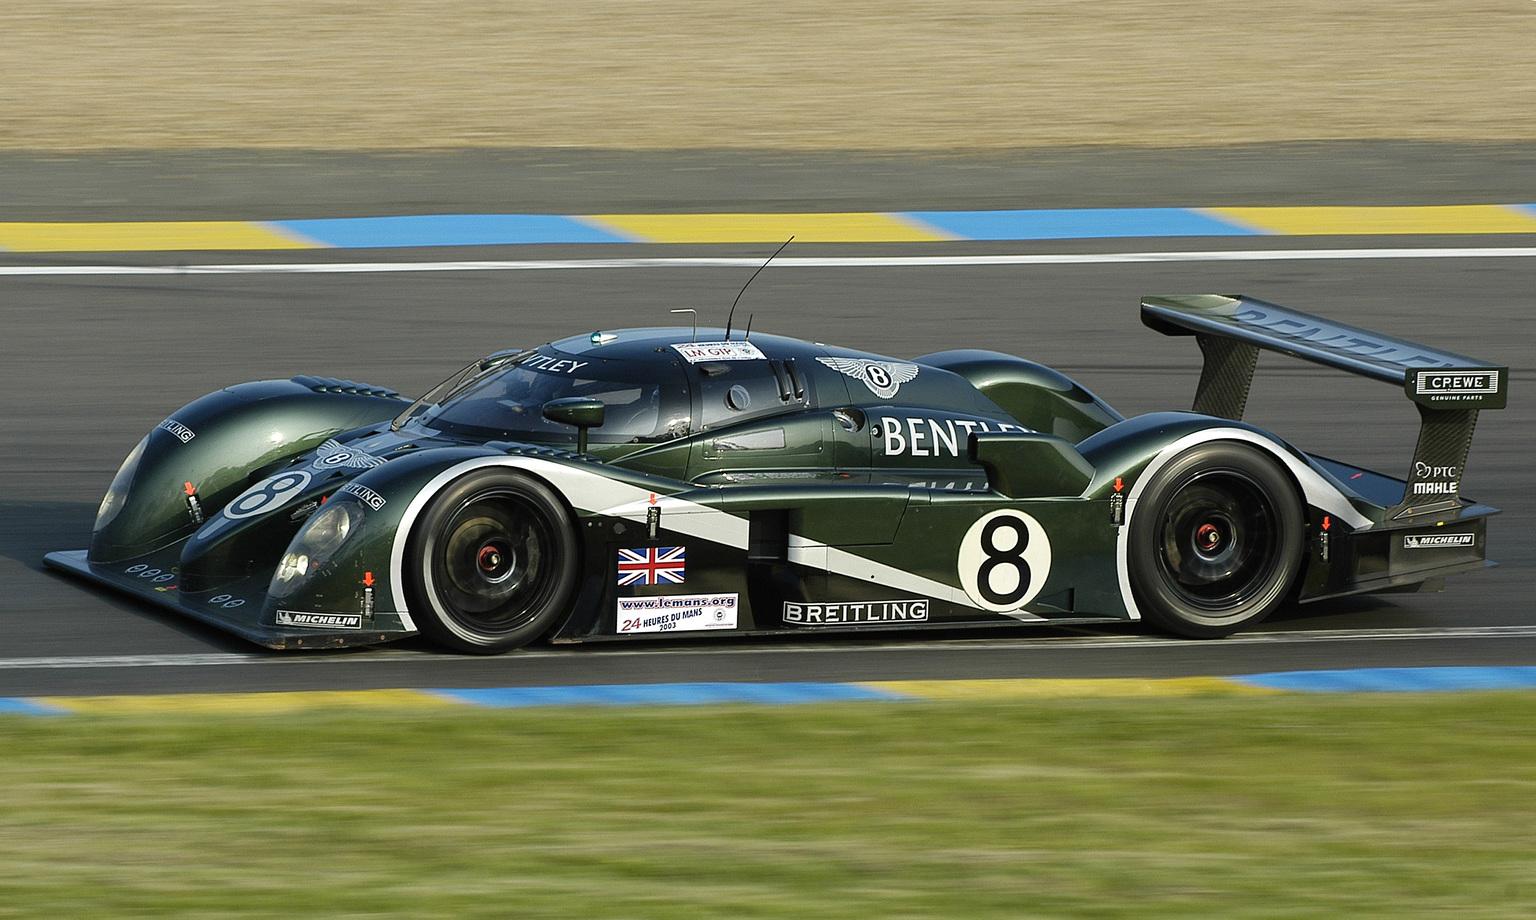 2003 Bentley Speed 8 Bentley Supercars Net